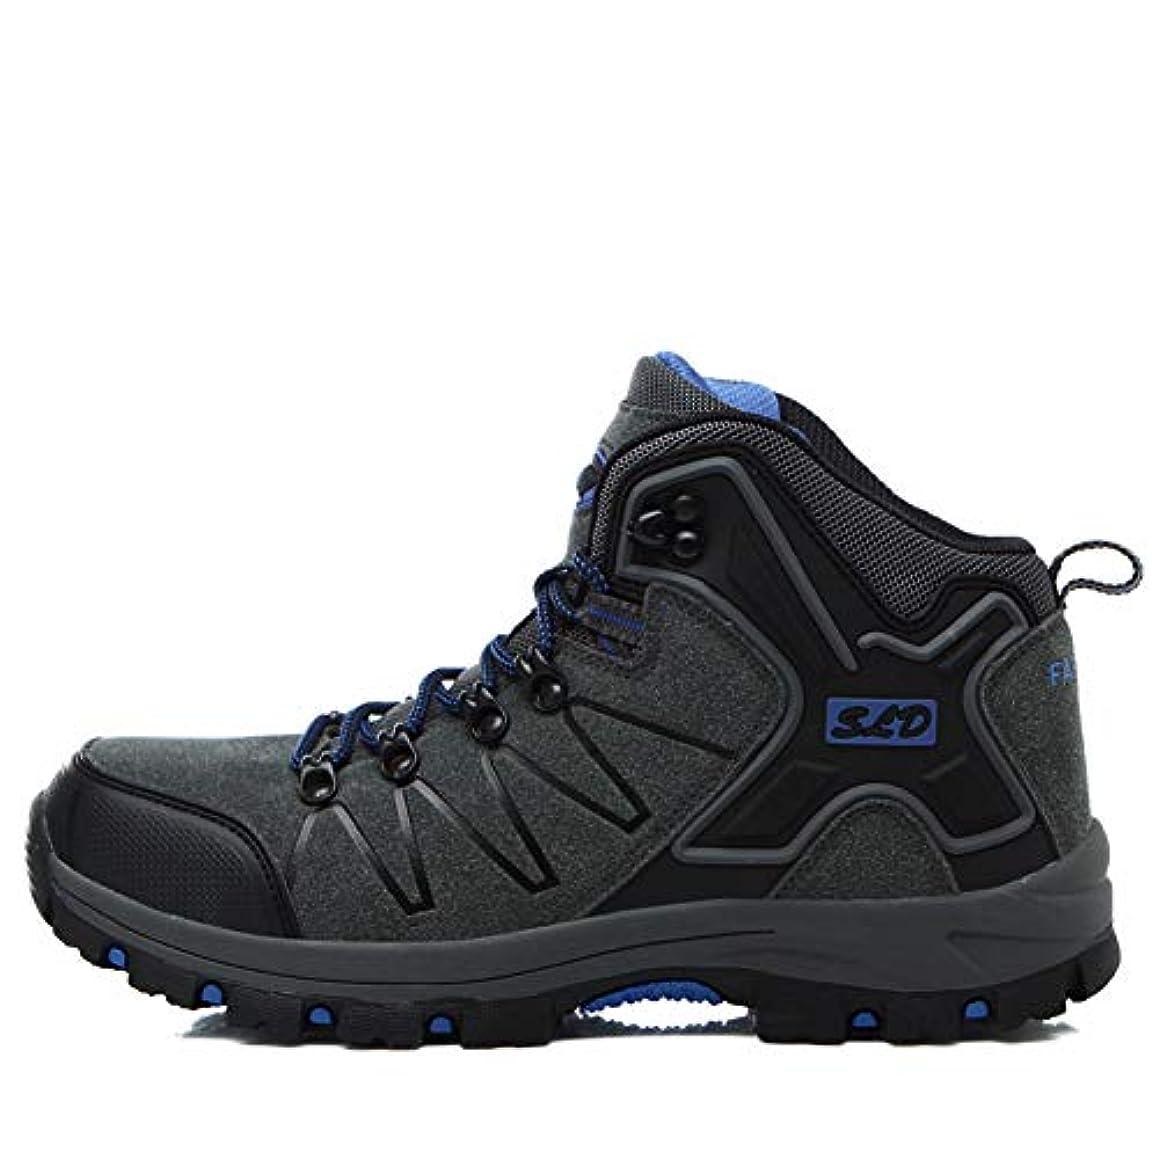 歩く制裁きしむ[TcIFE] トレッキングシューズ メンズ 防水 防滑 ハイカット 登山靴 大きいサイズ ハイキングシューズ メンズ 耐磨耗 ハイキングシューズ メンズ 通気性 スニーカー